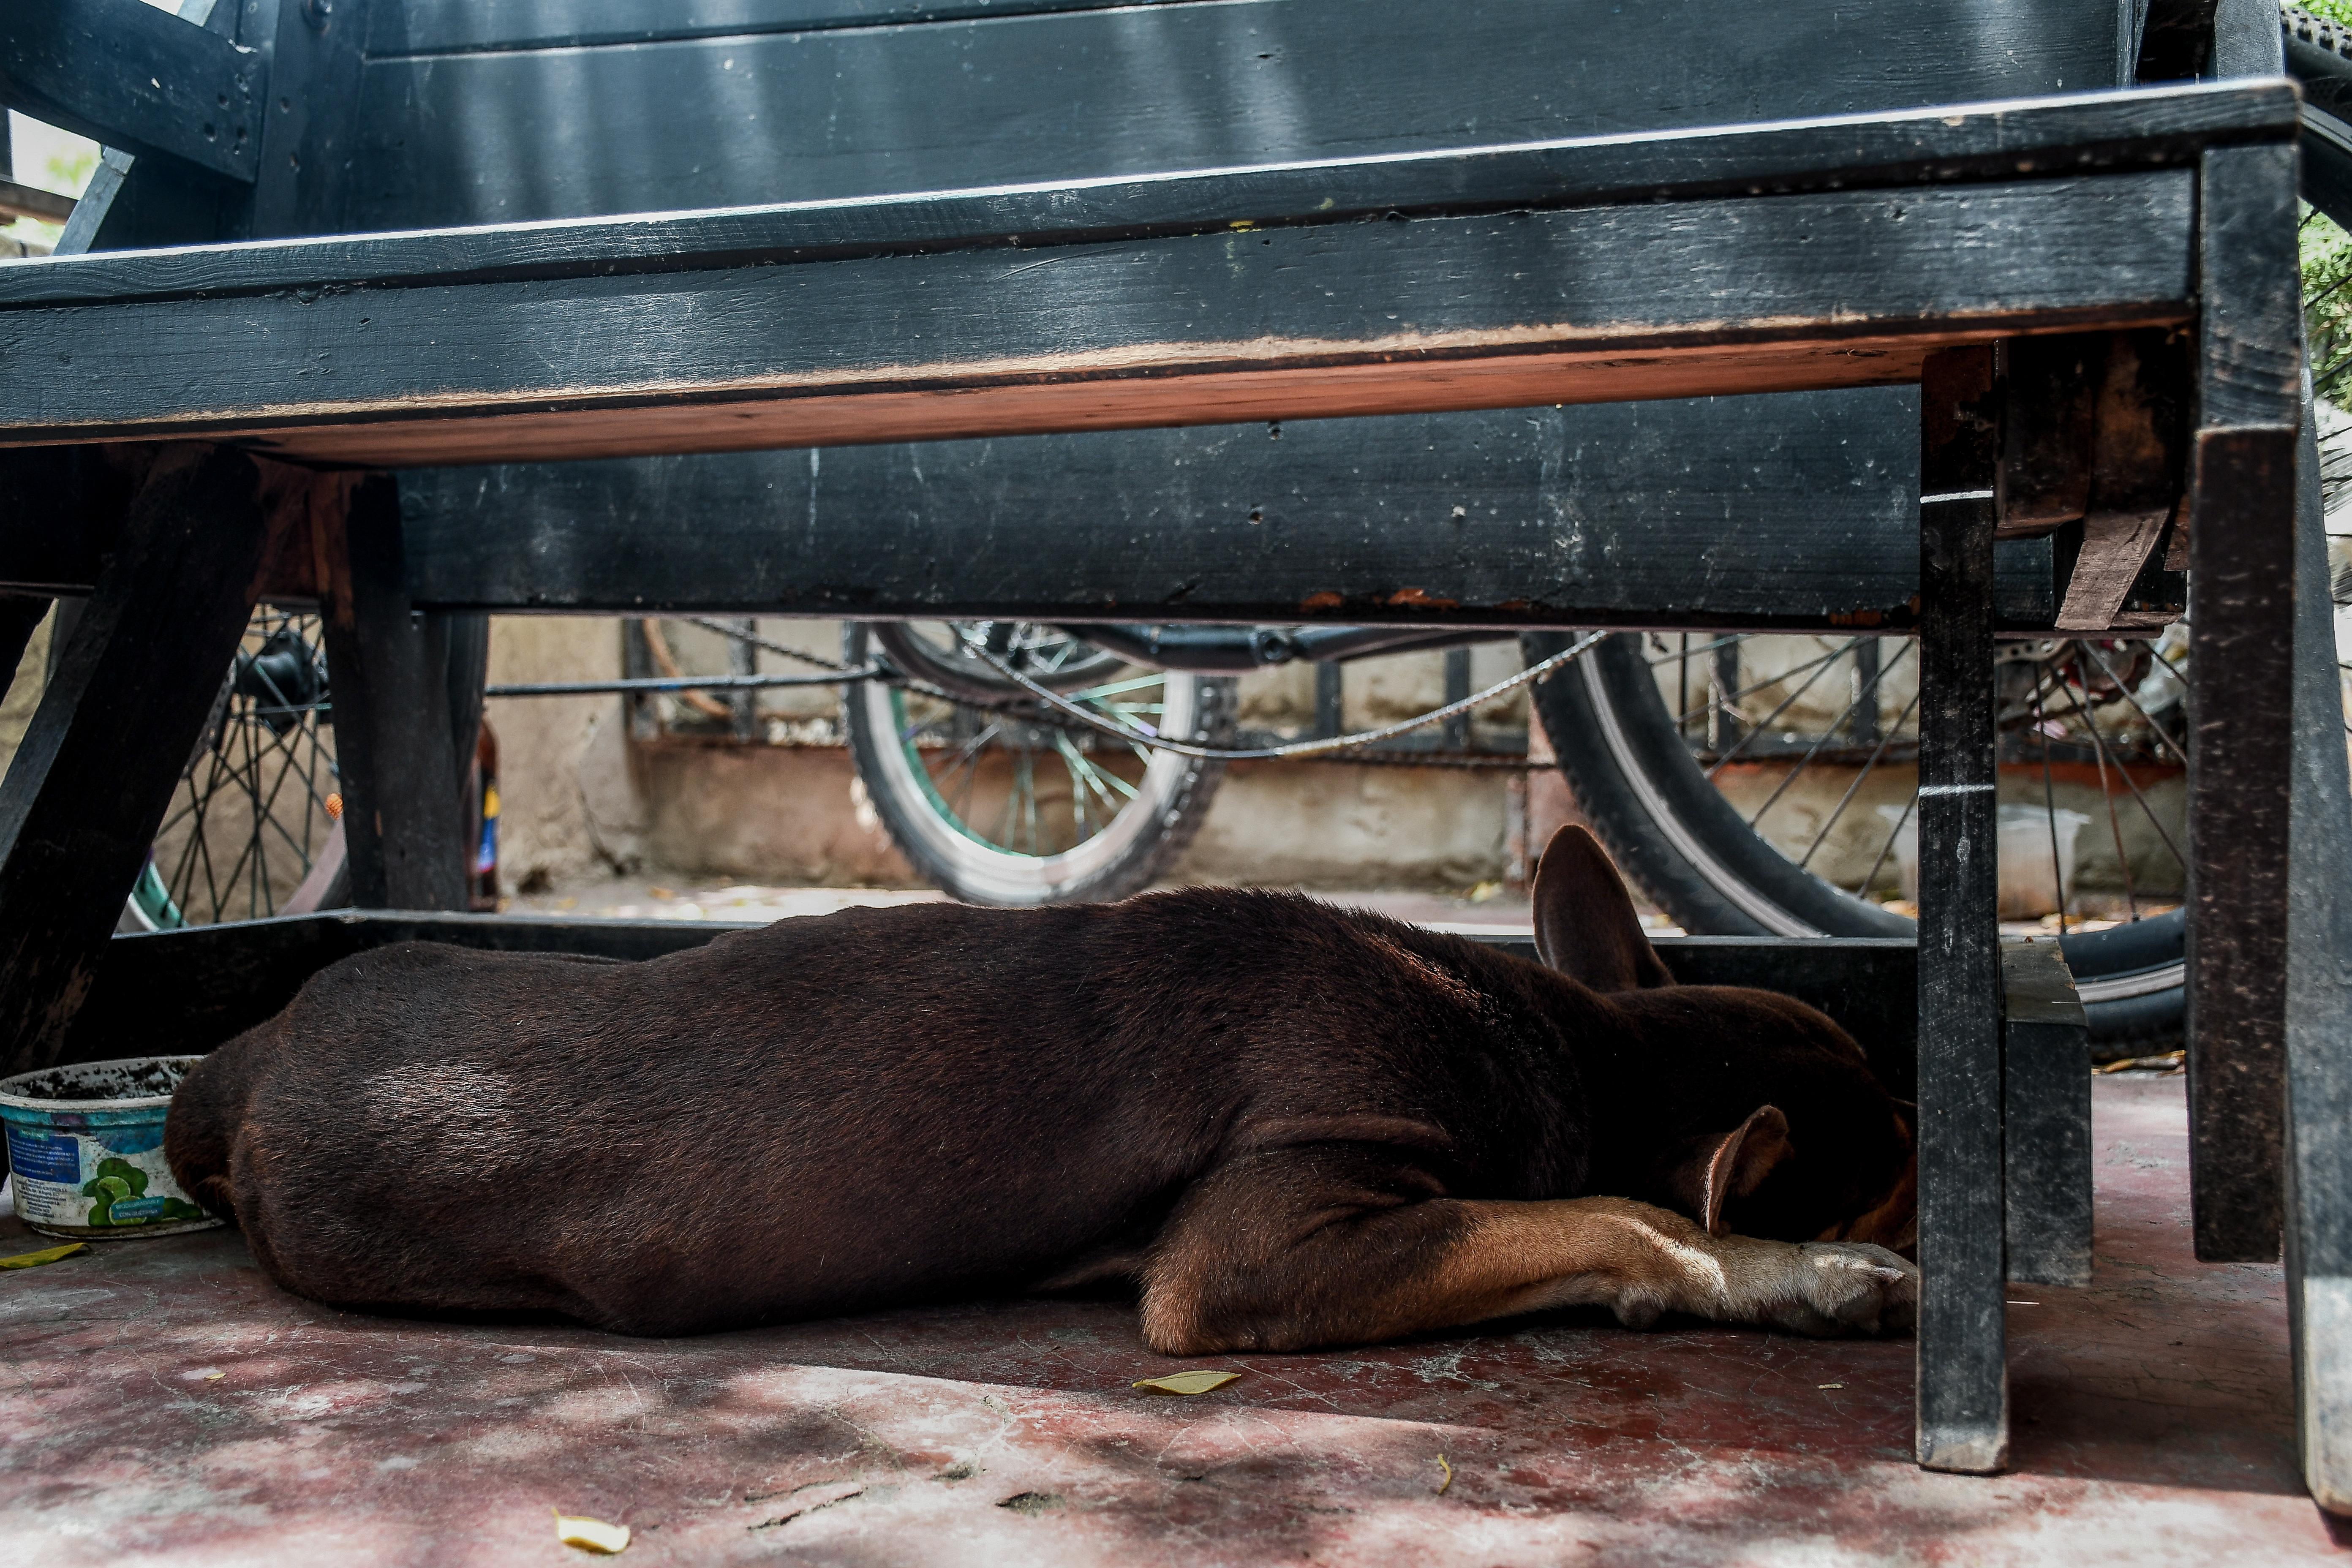 Chocolate, en recuperación, descansa bajo una mesa.